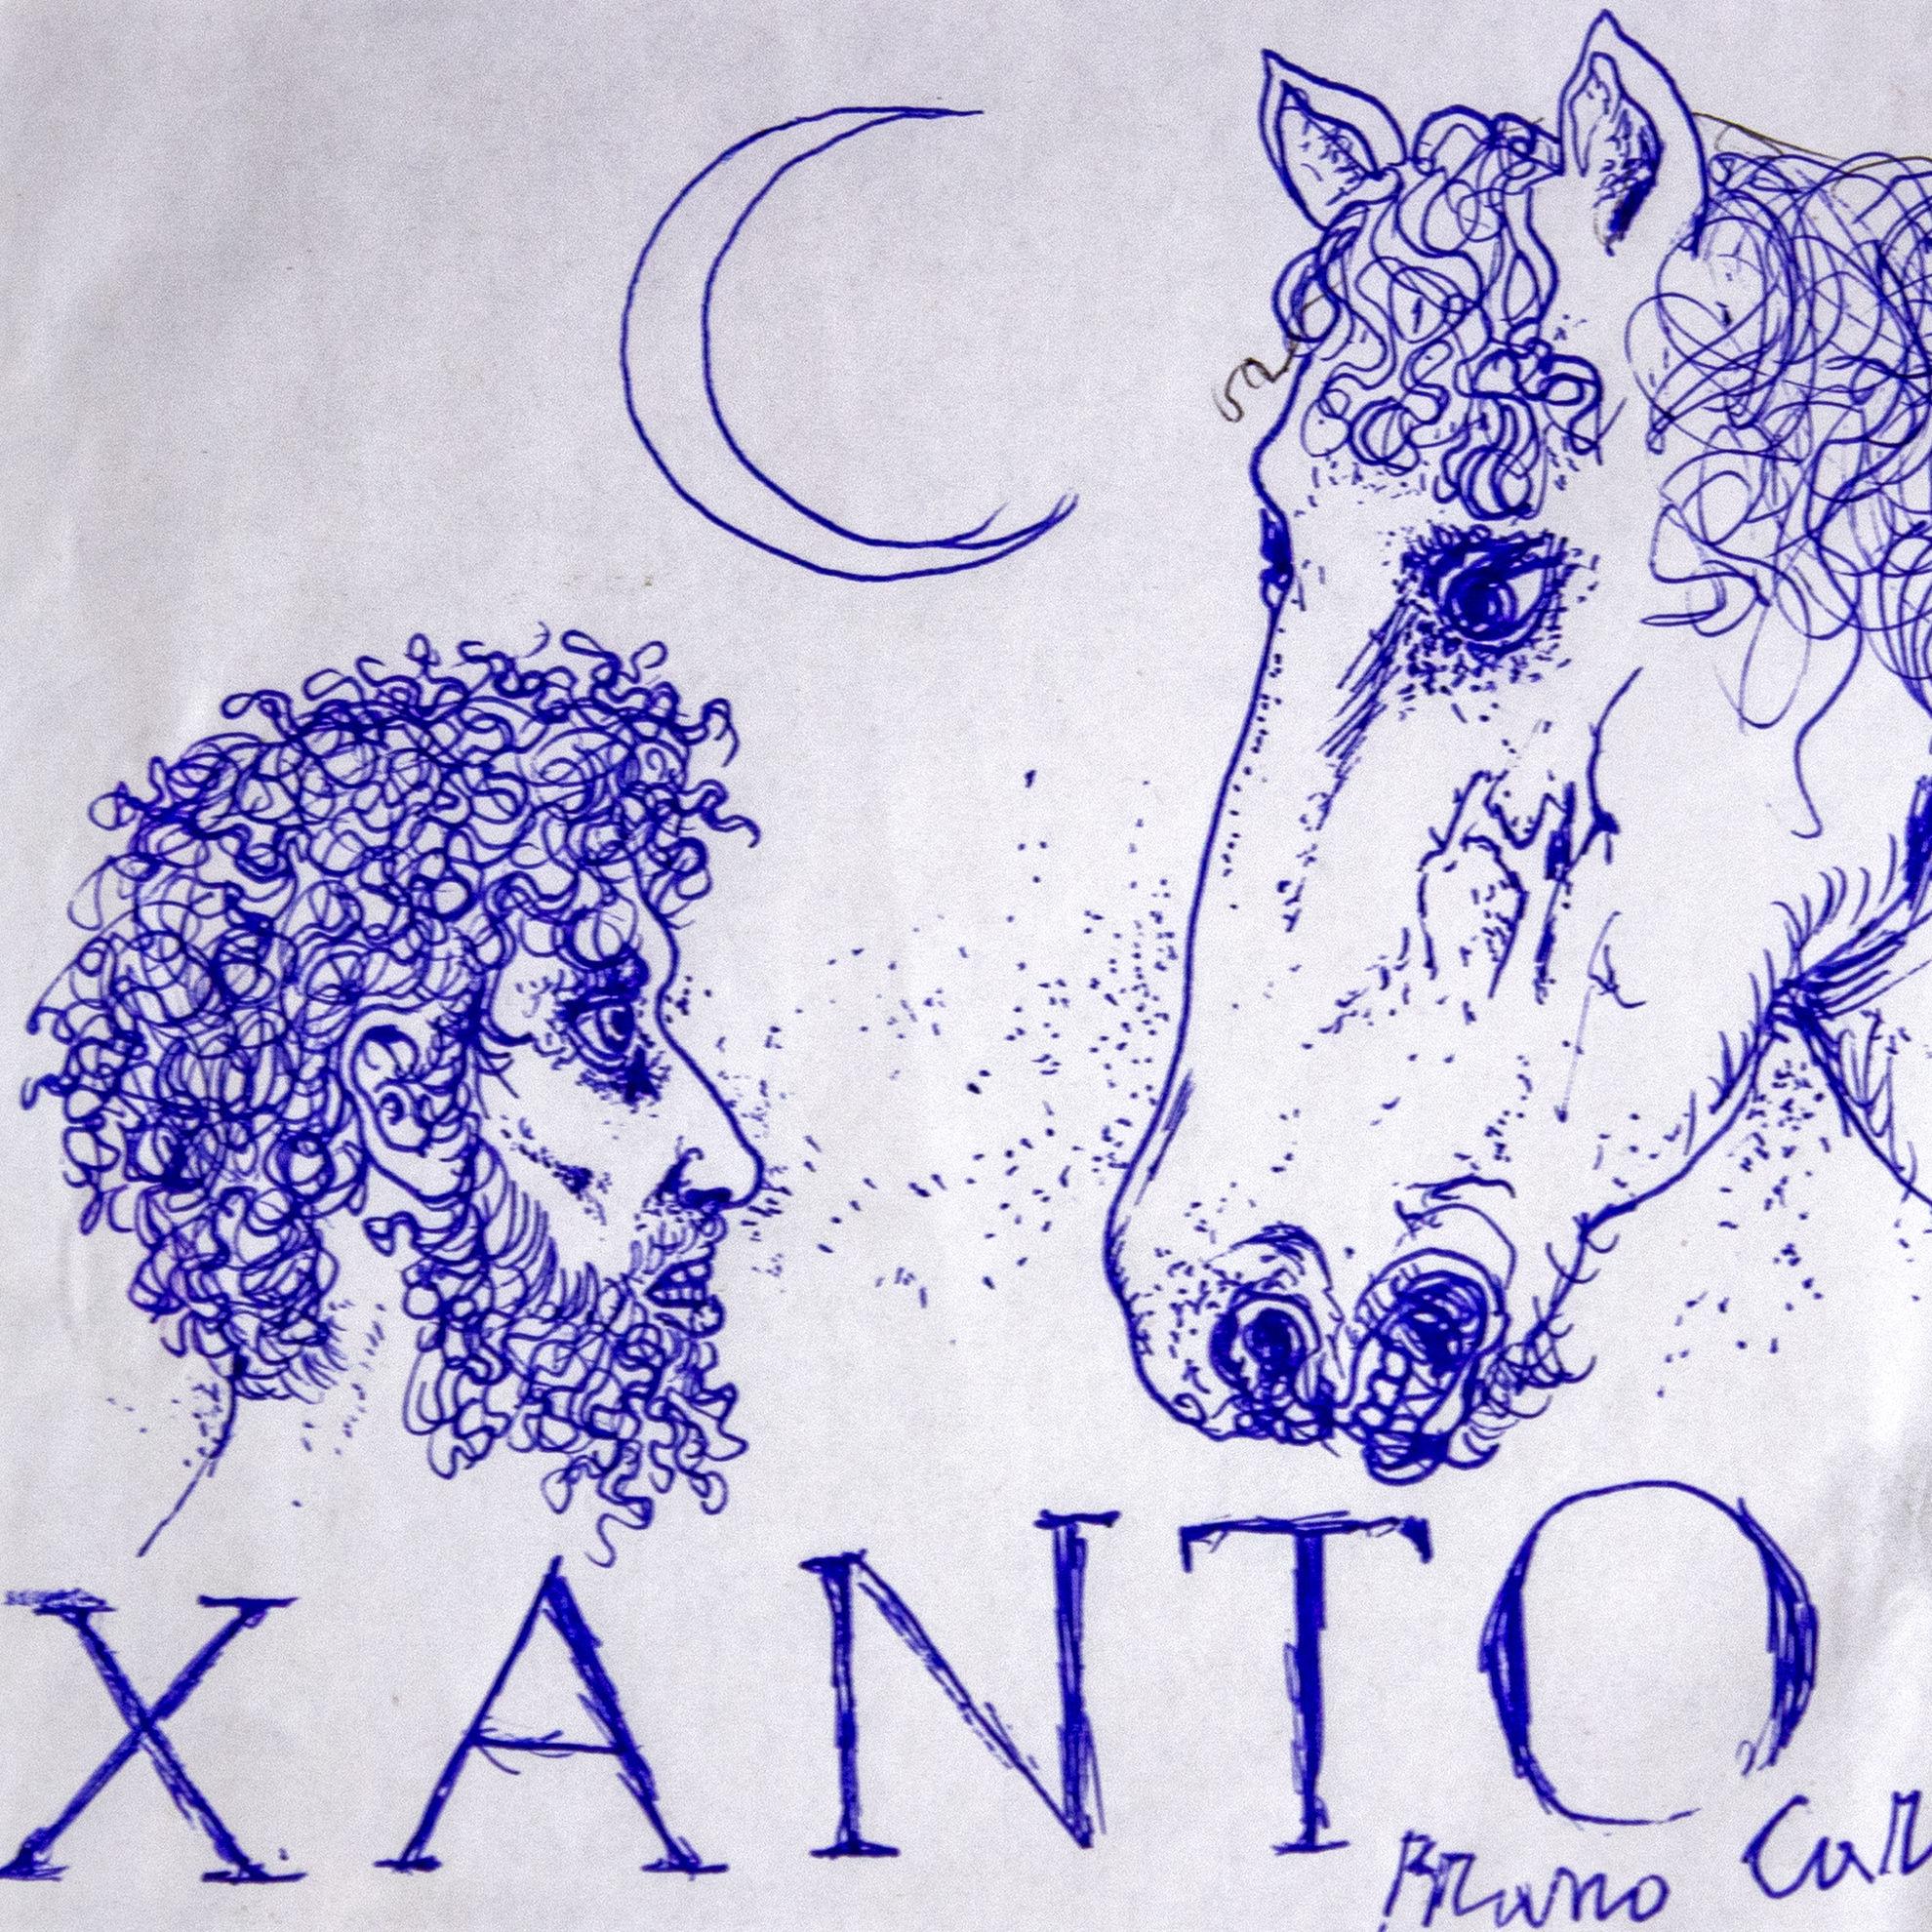 Immagine di Xanto